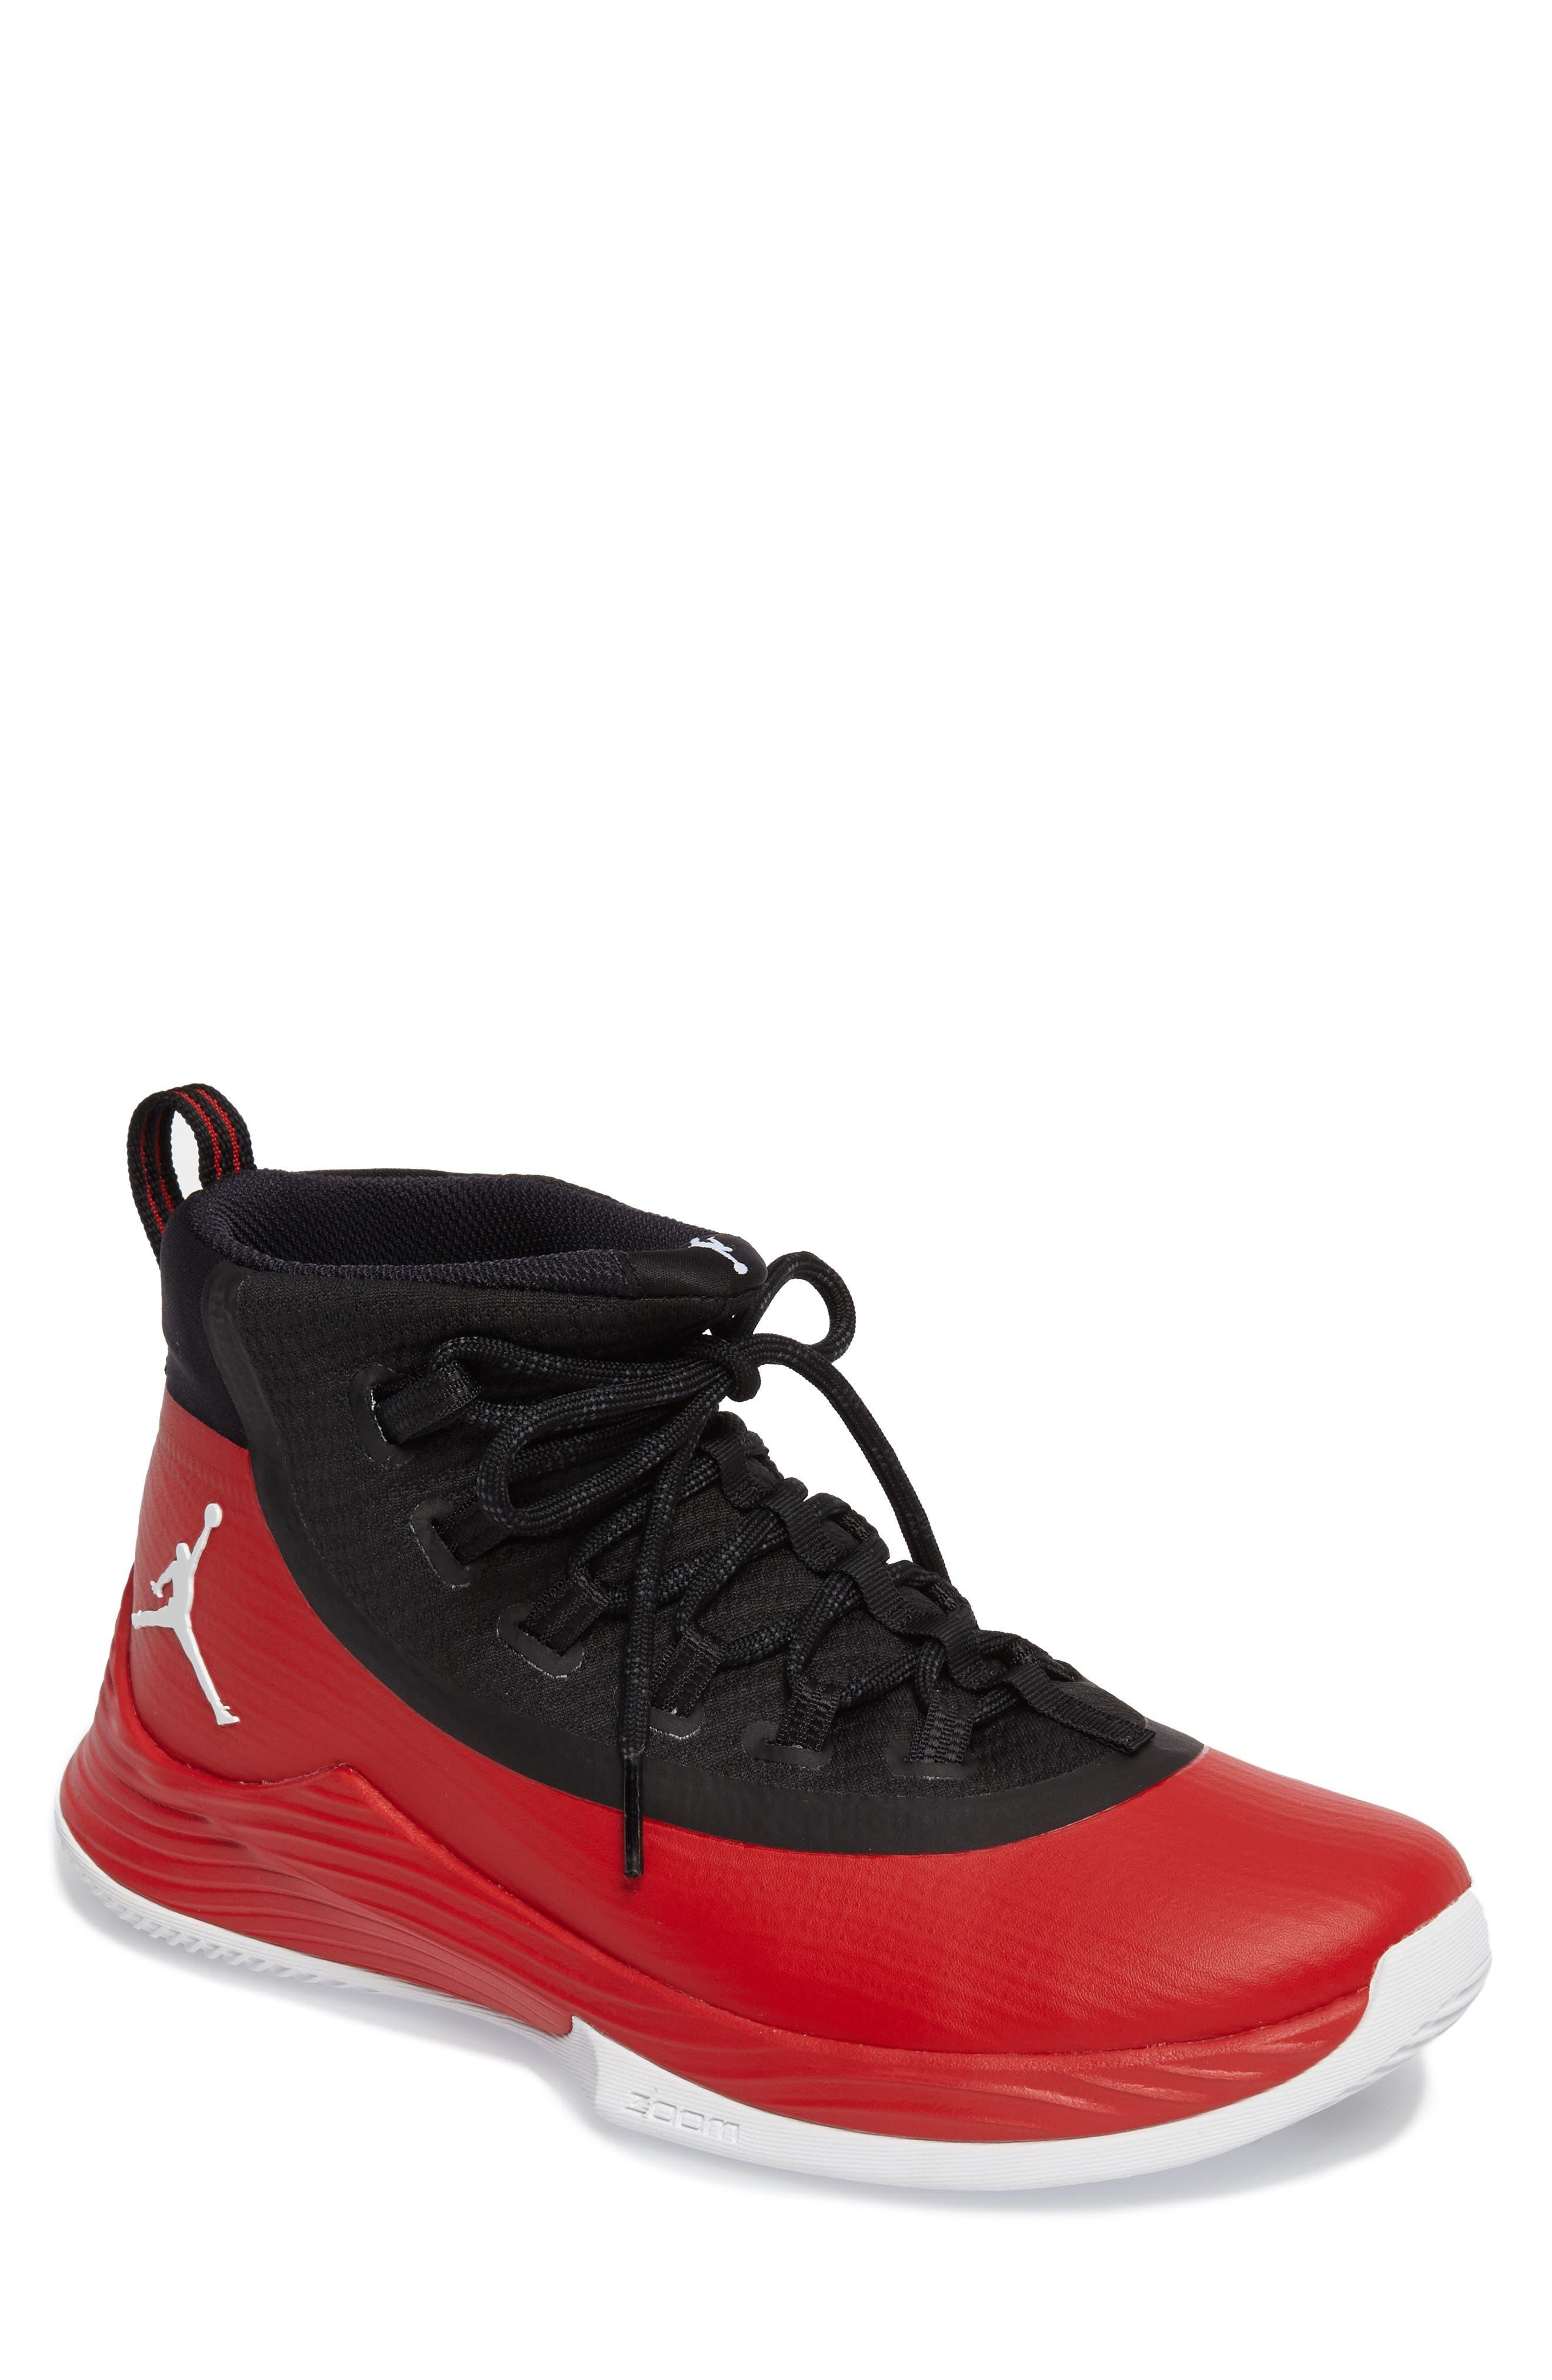 Jordan Ultra Fly 2 Basketball Shoe,                             Main thumbnail 3, color,